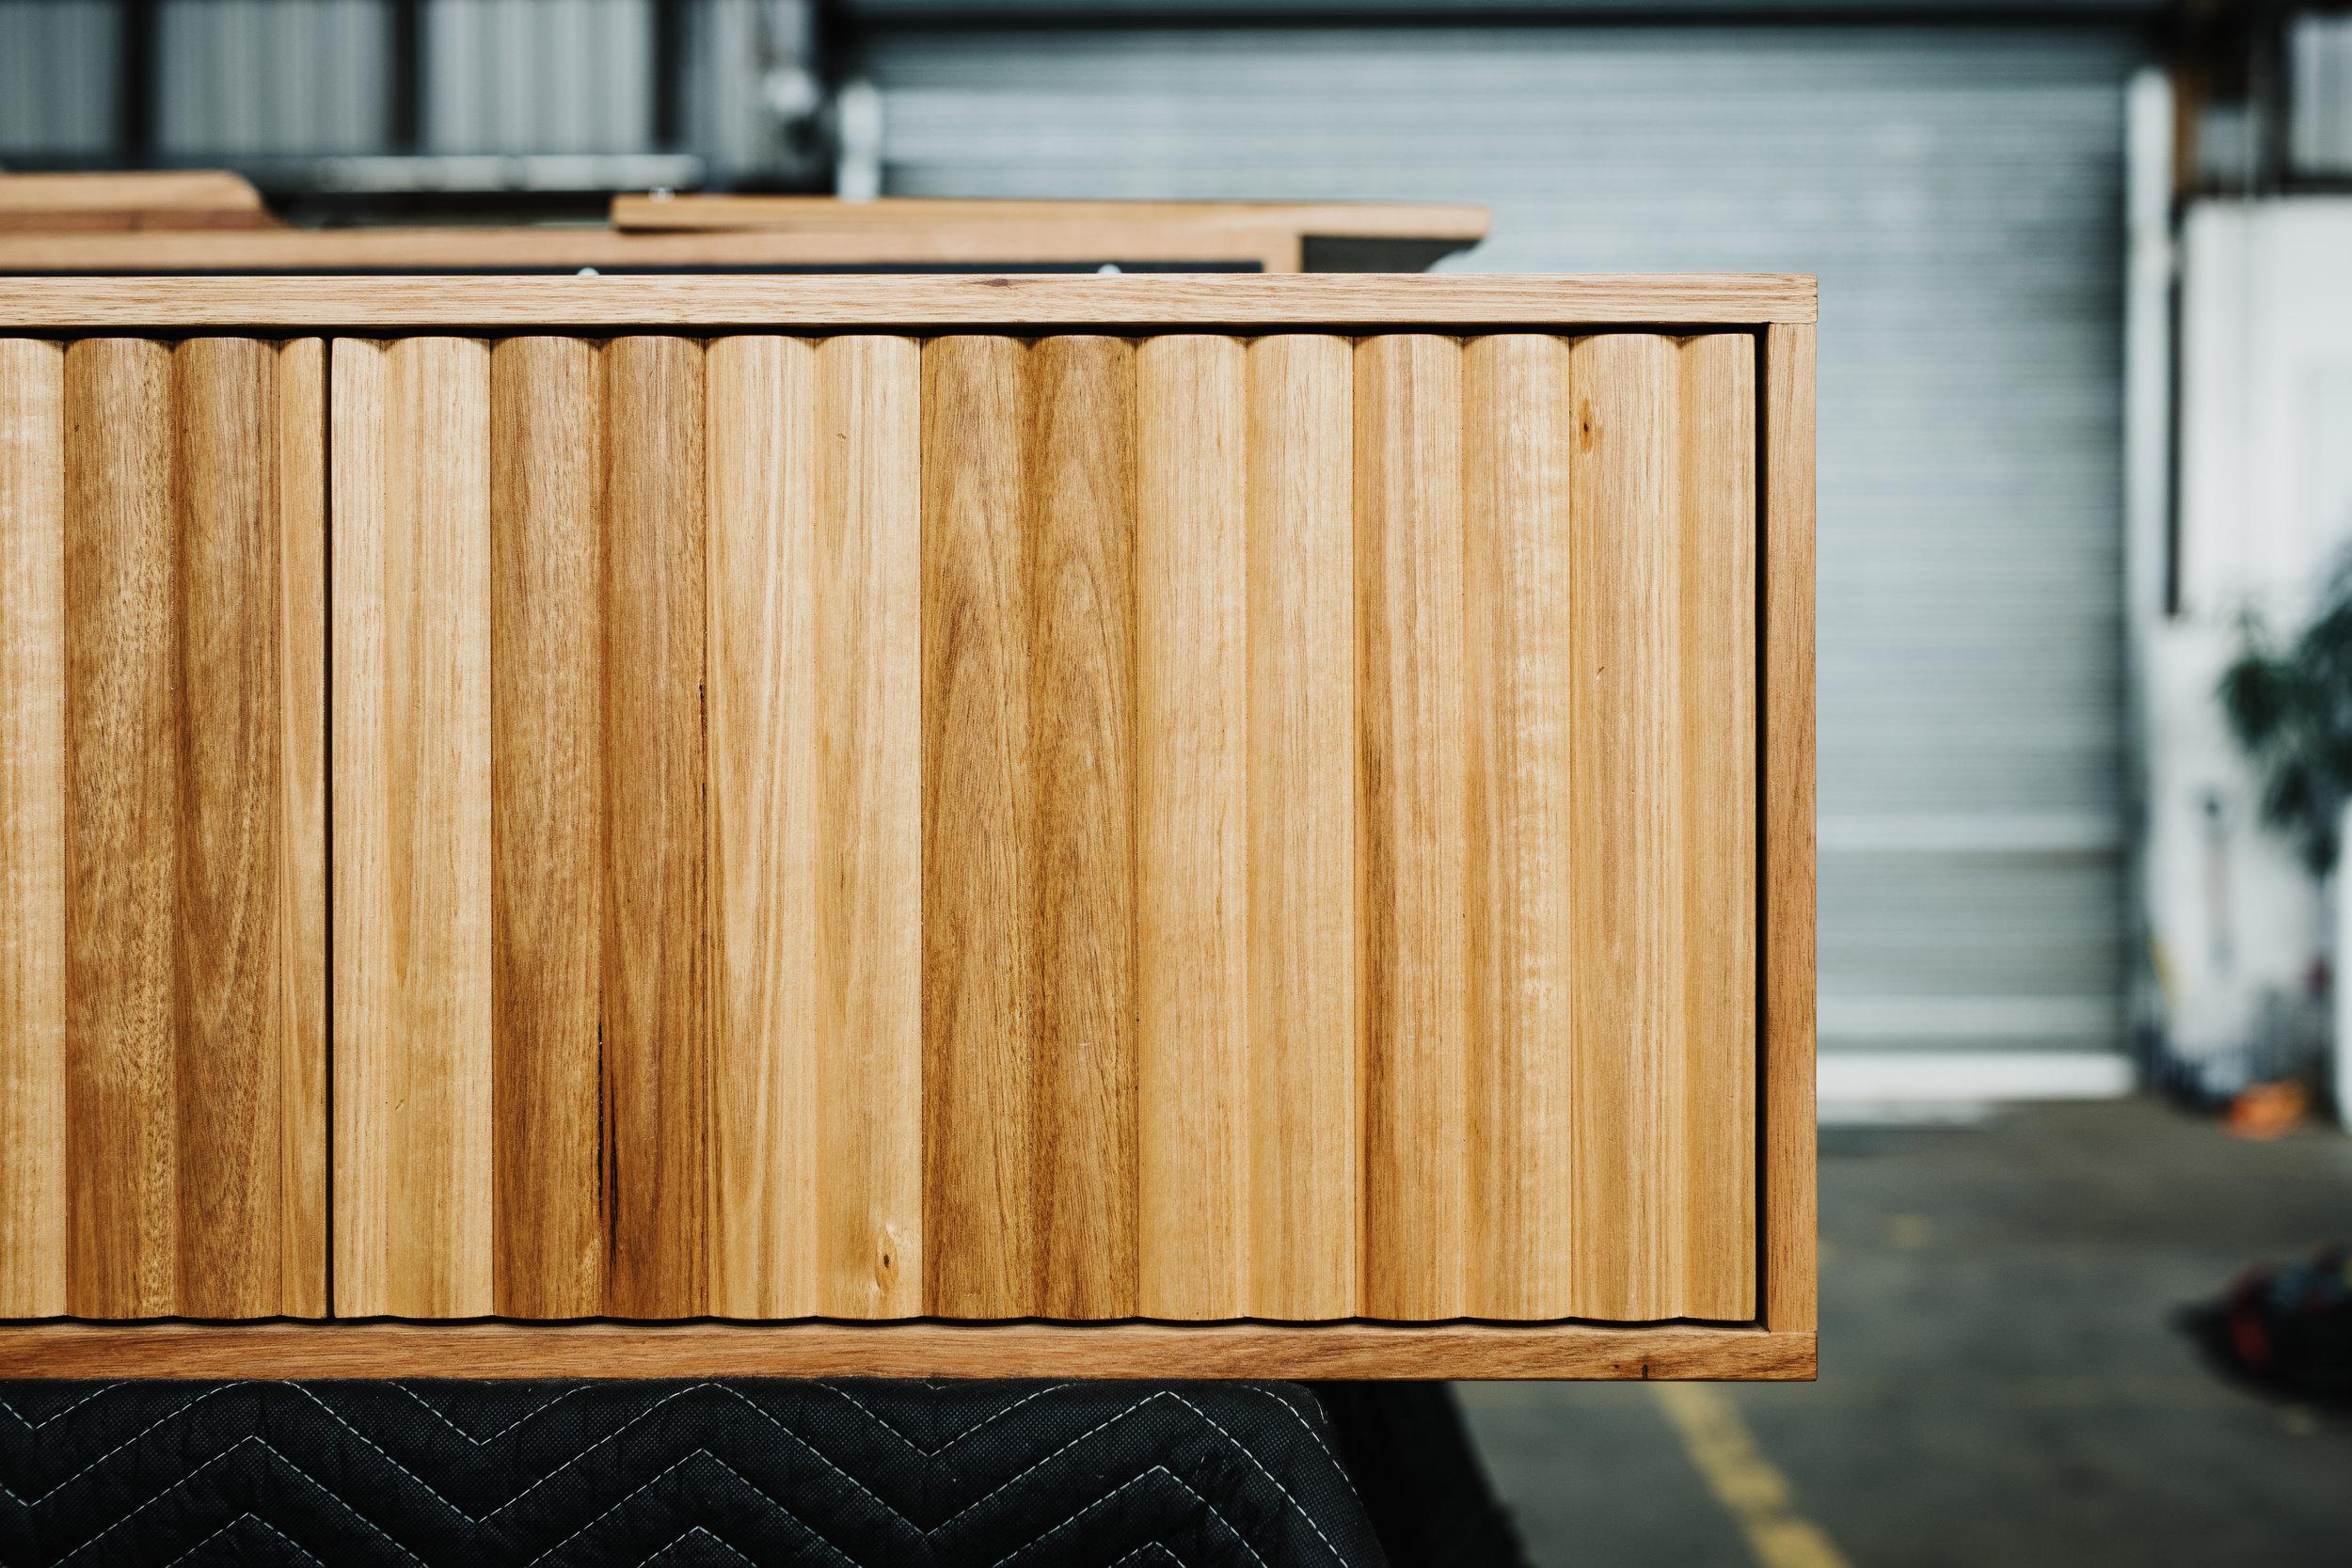 Hydrowood Oak Vanity by Ingrain - Photo: Adam Gibson